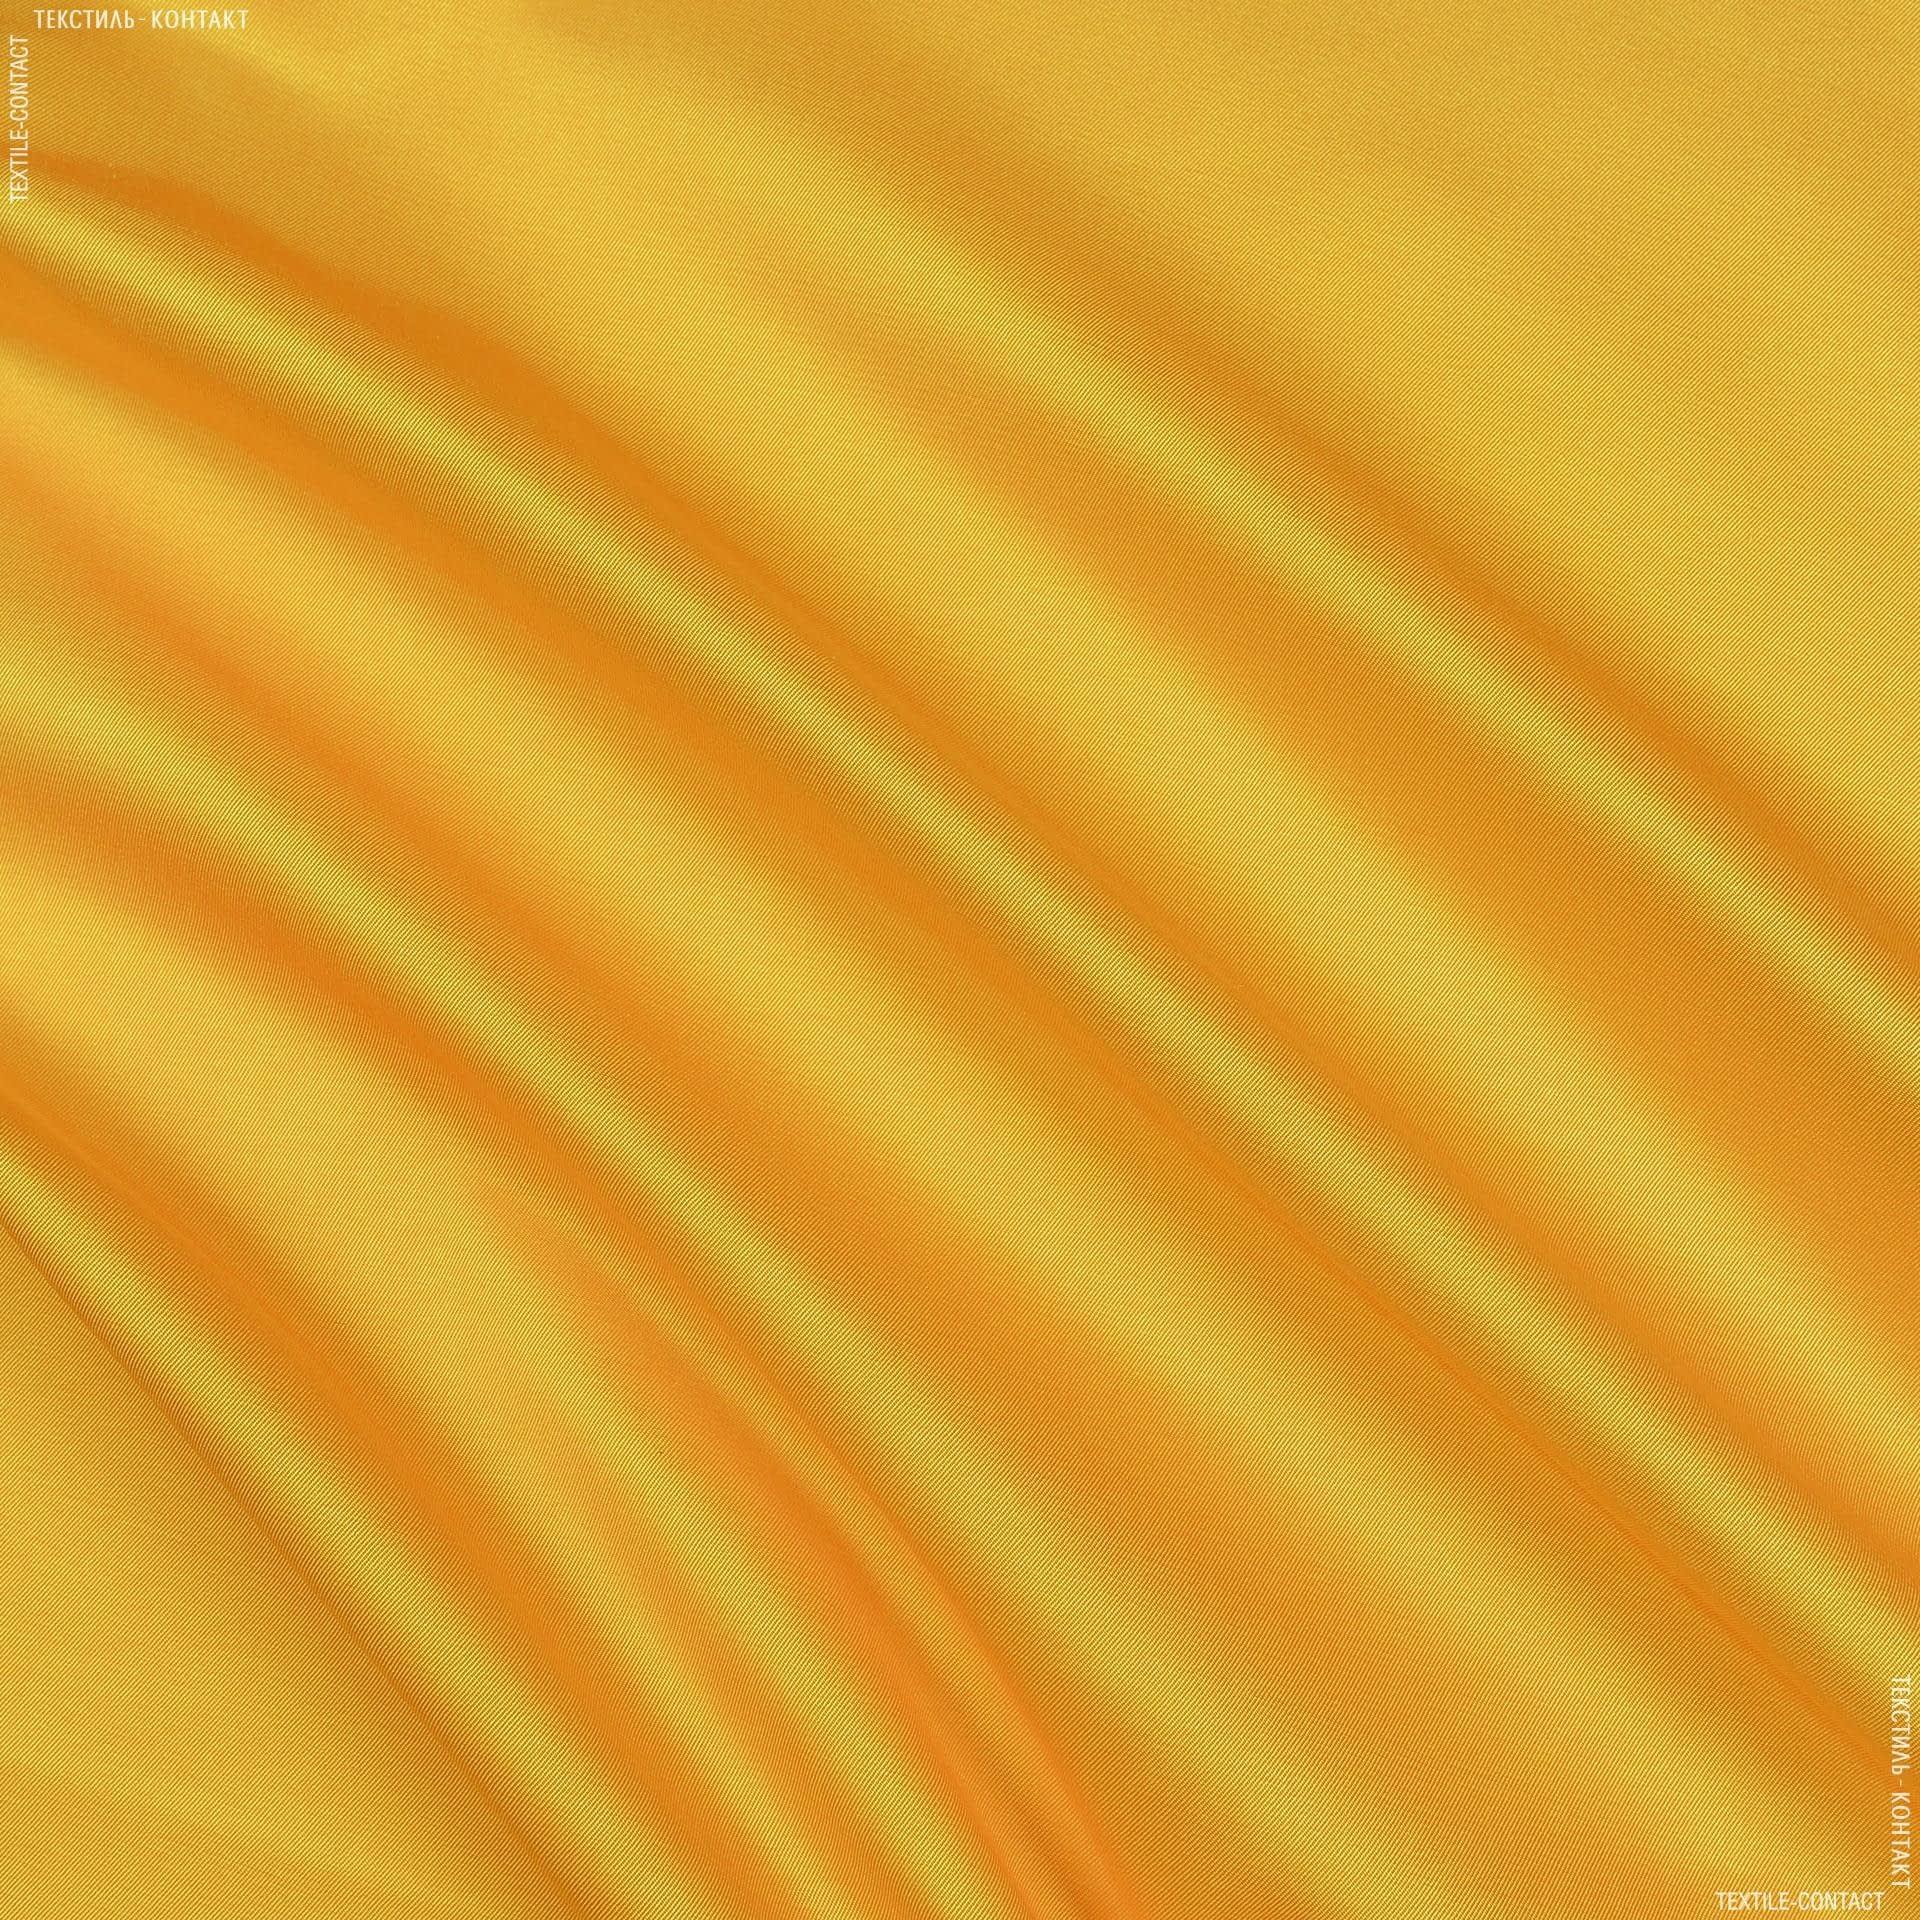 Ткани для спецодежды - Плащева ткань ортон ф желтый во